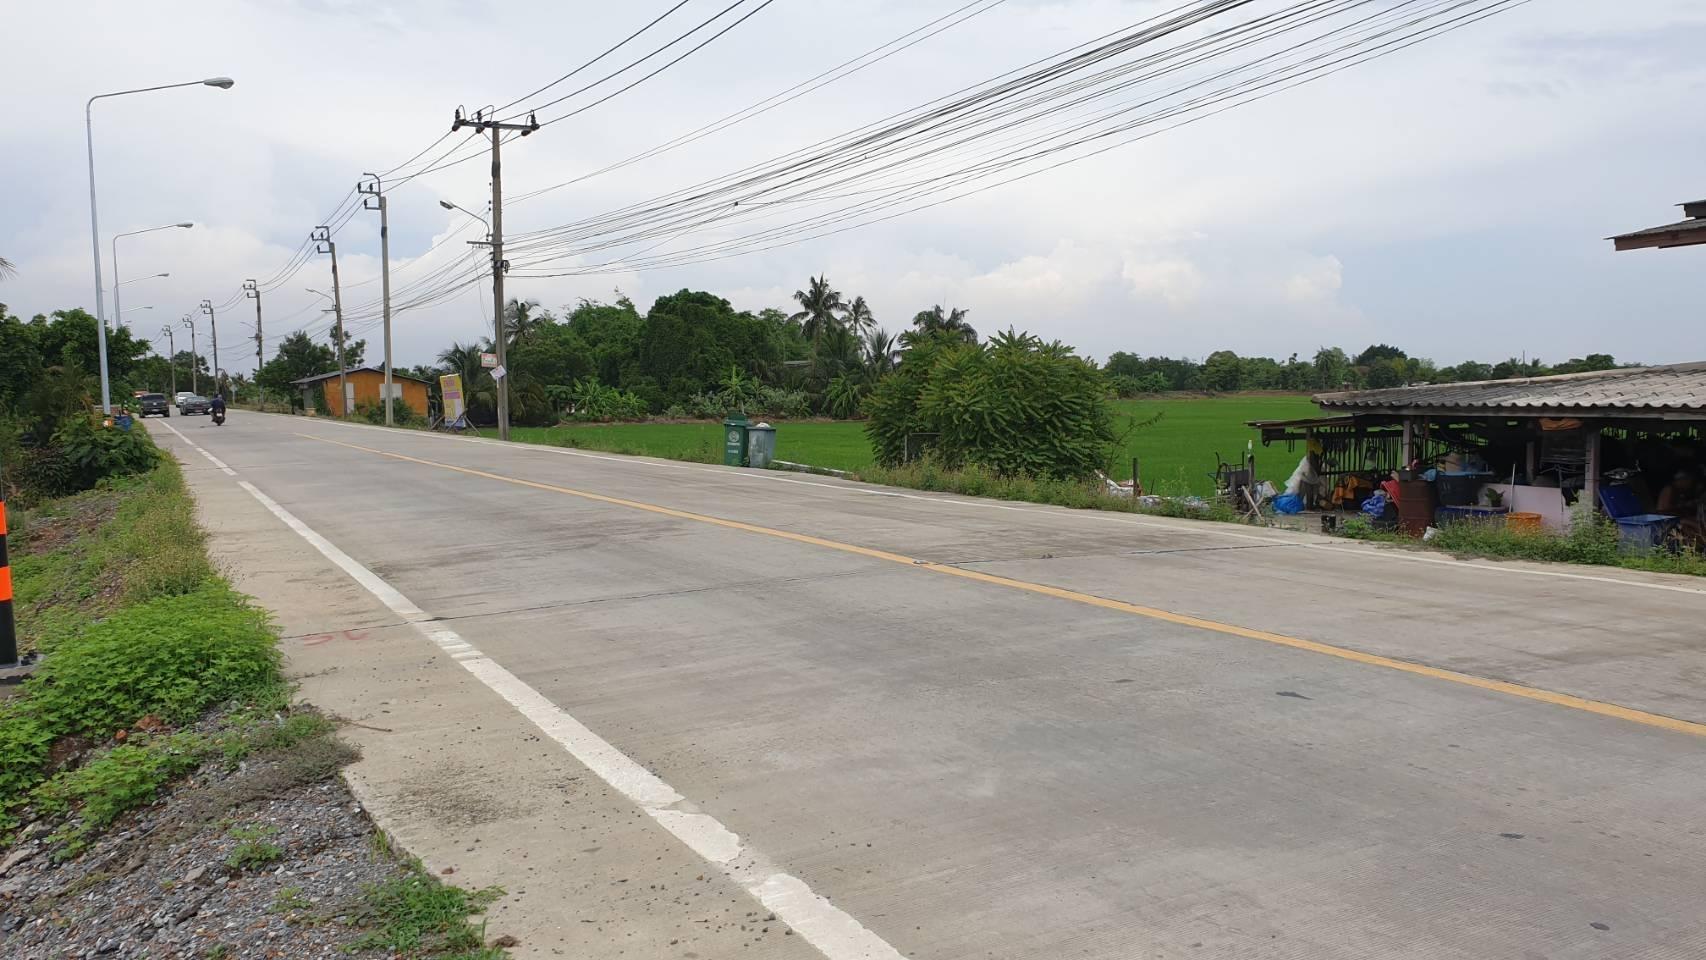 ที่ดินสวยๆทำเลดีติดถนนใหญ่แบ่งล็อค  อยู่ข้าง อ.บ.ตหนองเพรางาย จ.นนทบุรี